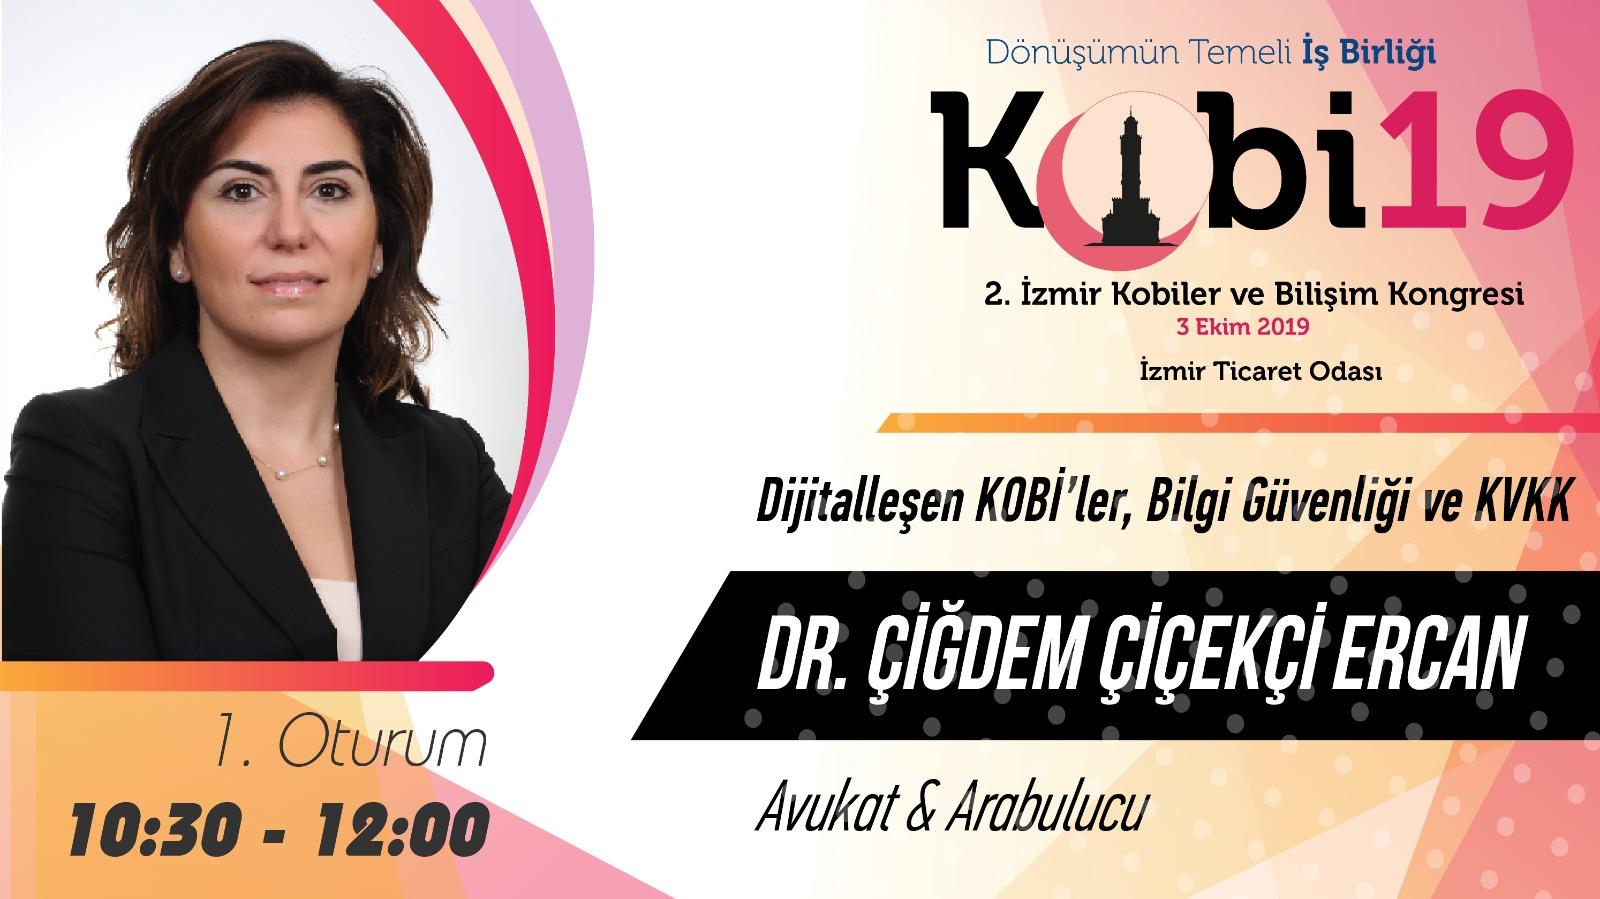 Çiğdem ÇİÇEKÇİ ERCAN - 2. İzmir Kobiler ve Bilişim Kongresi 2019